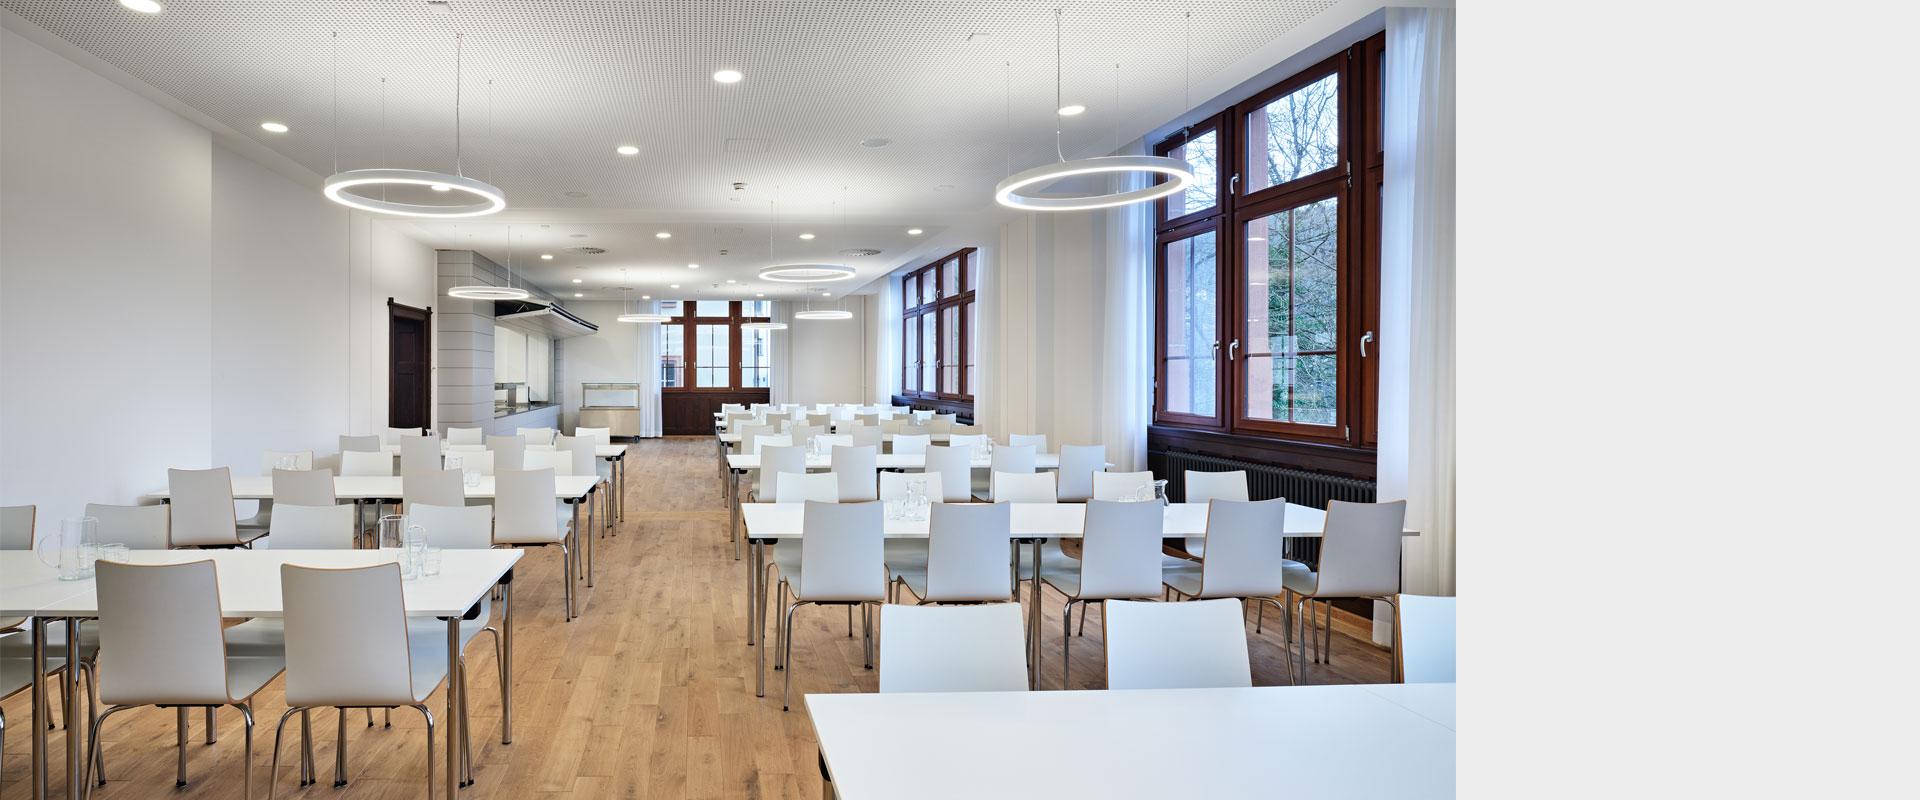 Mensa Heinrich-Hansjakob-Schule Waldshut